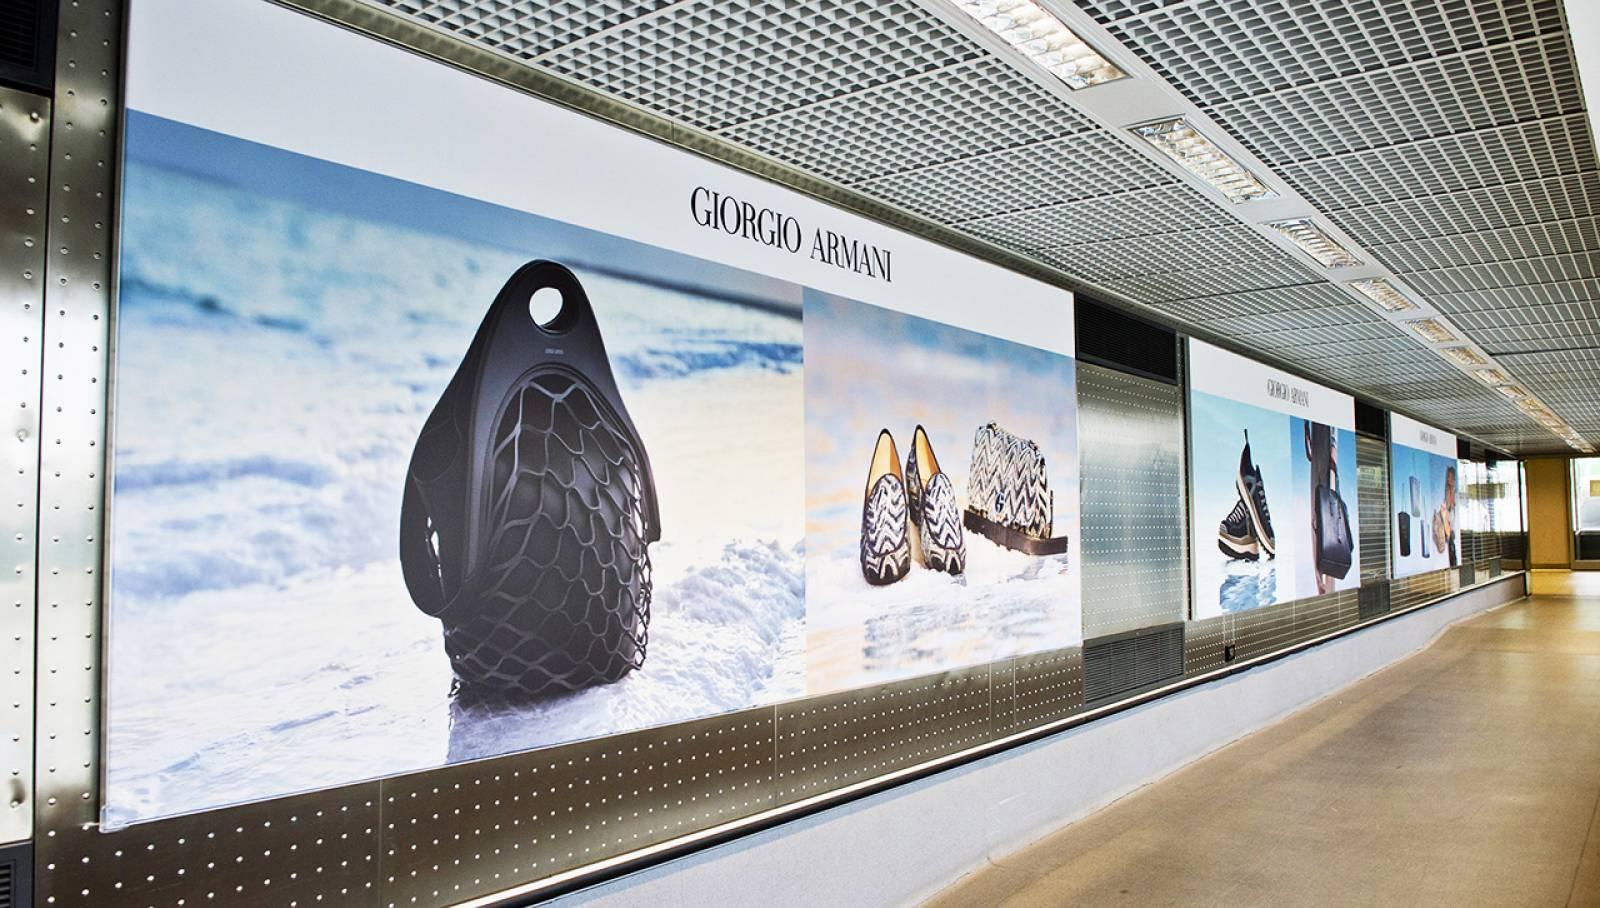 Pubblicità aeroporto Malpensa Finger per Armani IGPDecaux